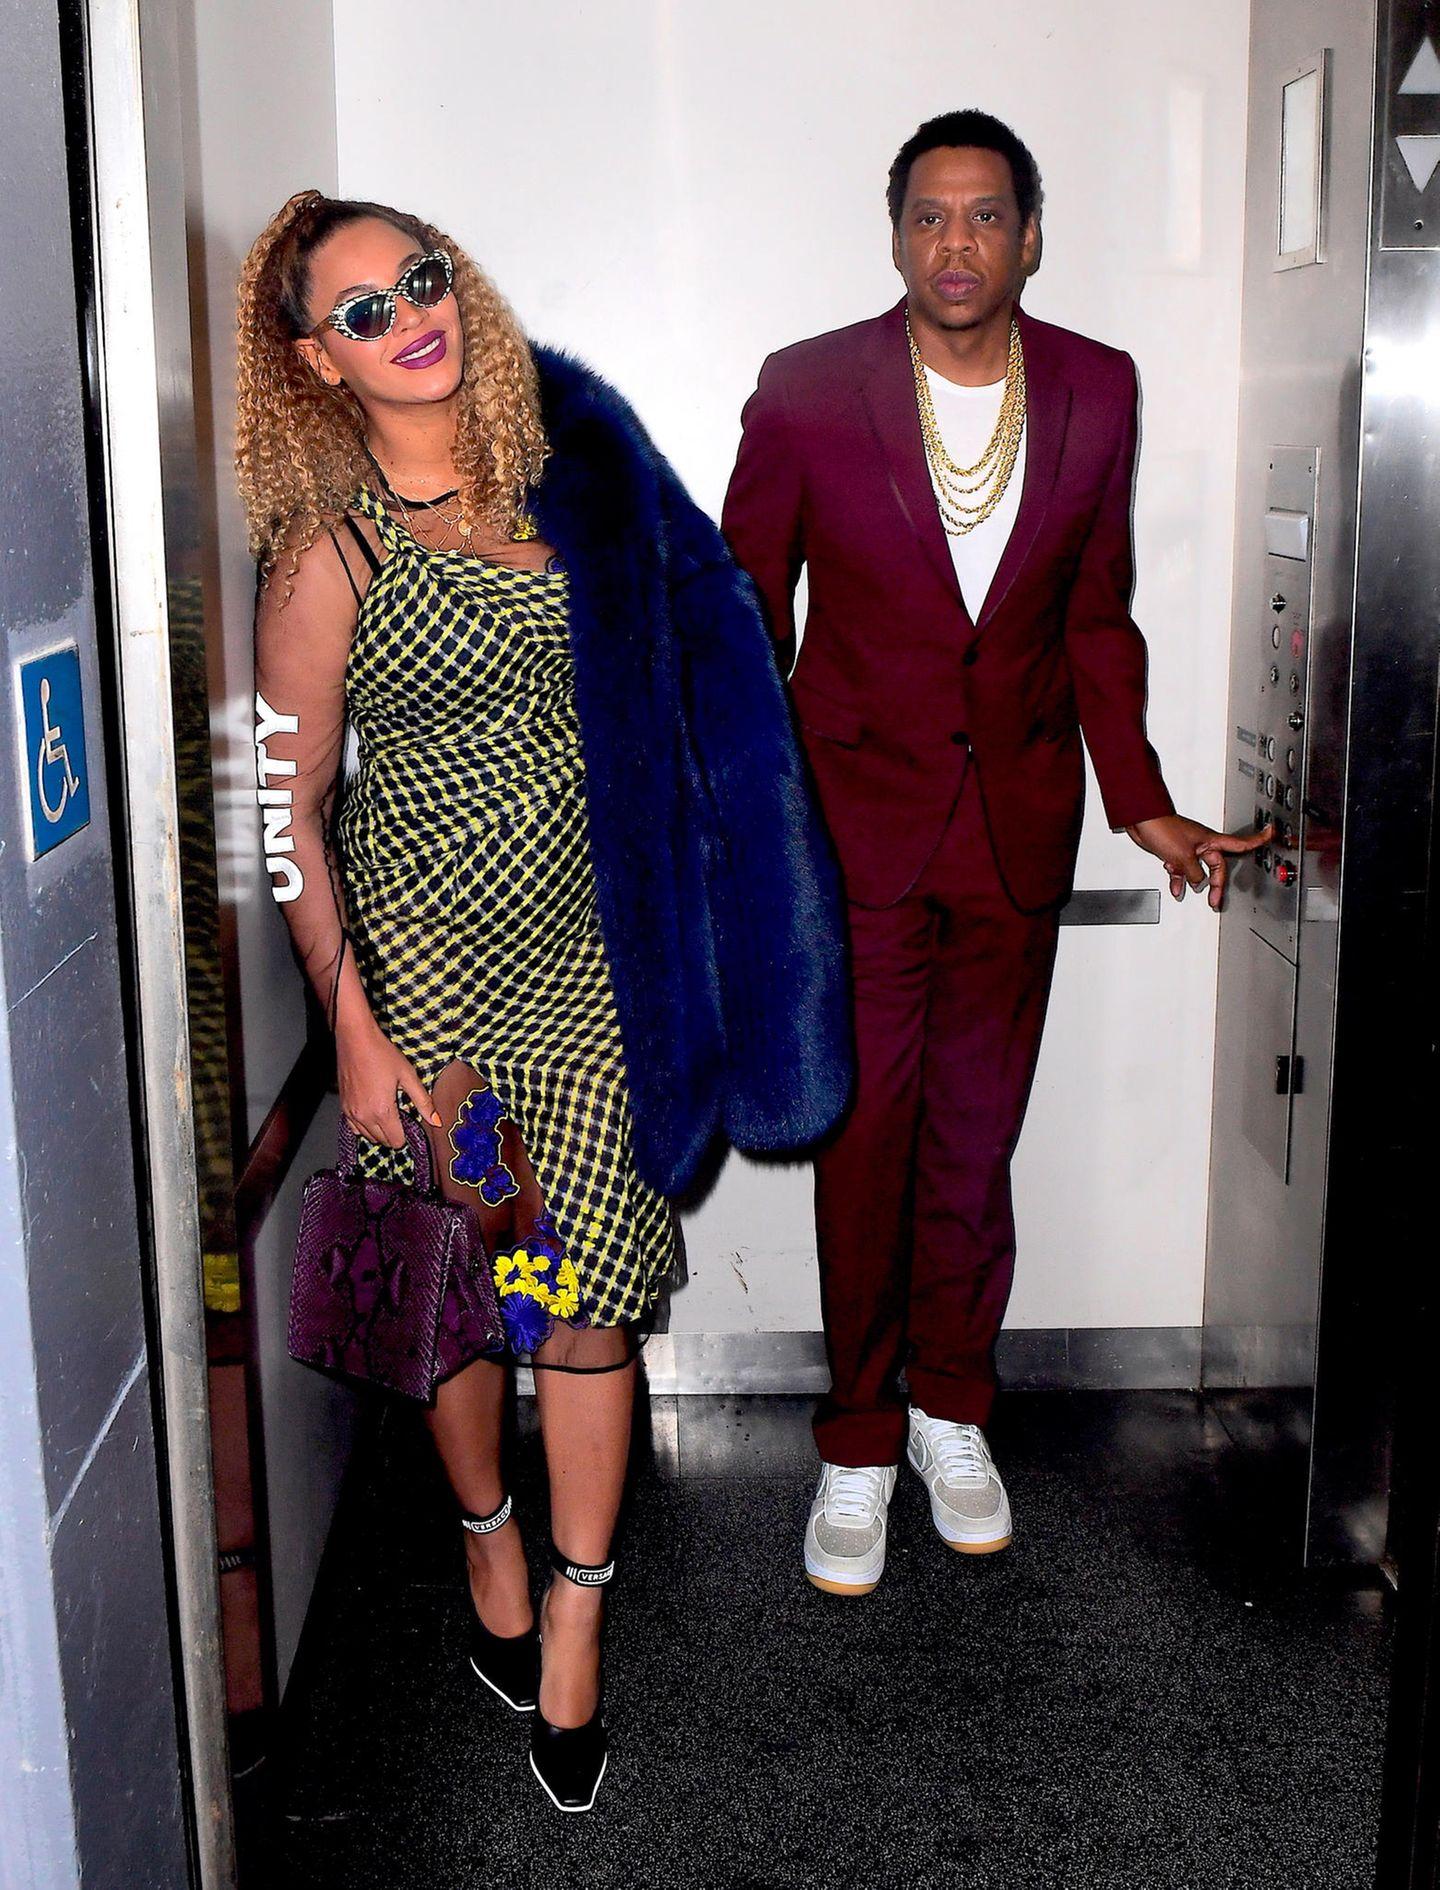 Für seine Geburtstagsparty haben Power-Paar Jay-Z und Beyoncé sich besonders in Schale geworfen. Ihr Muster-Dress und die blaue Fell-Jacke treffen auf seinen lässig-eleganten weinroten Anzug.